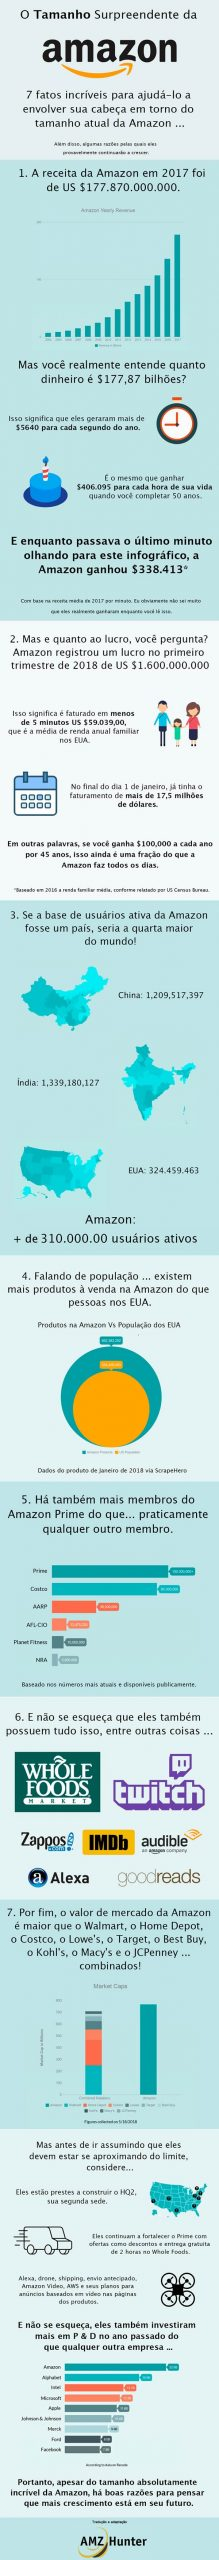 Políticas da Amazon